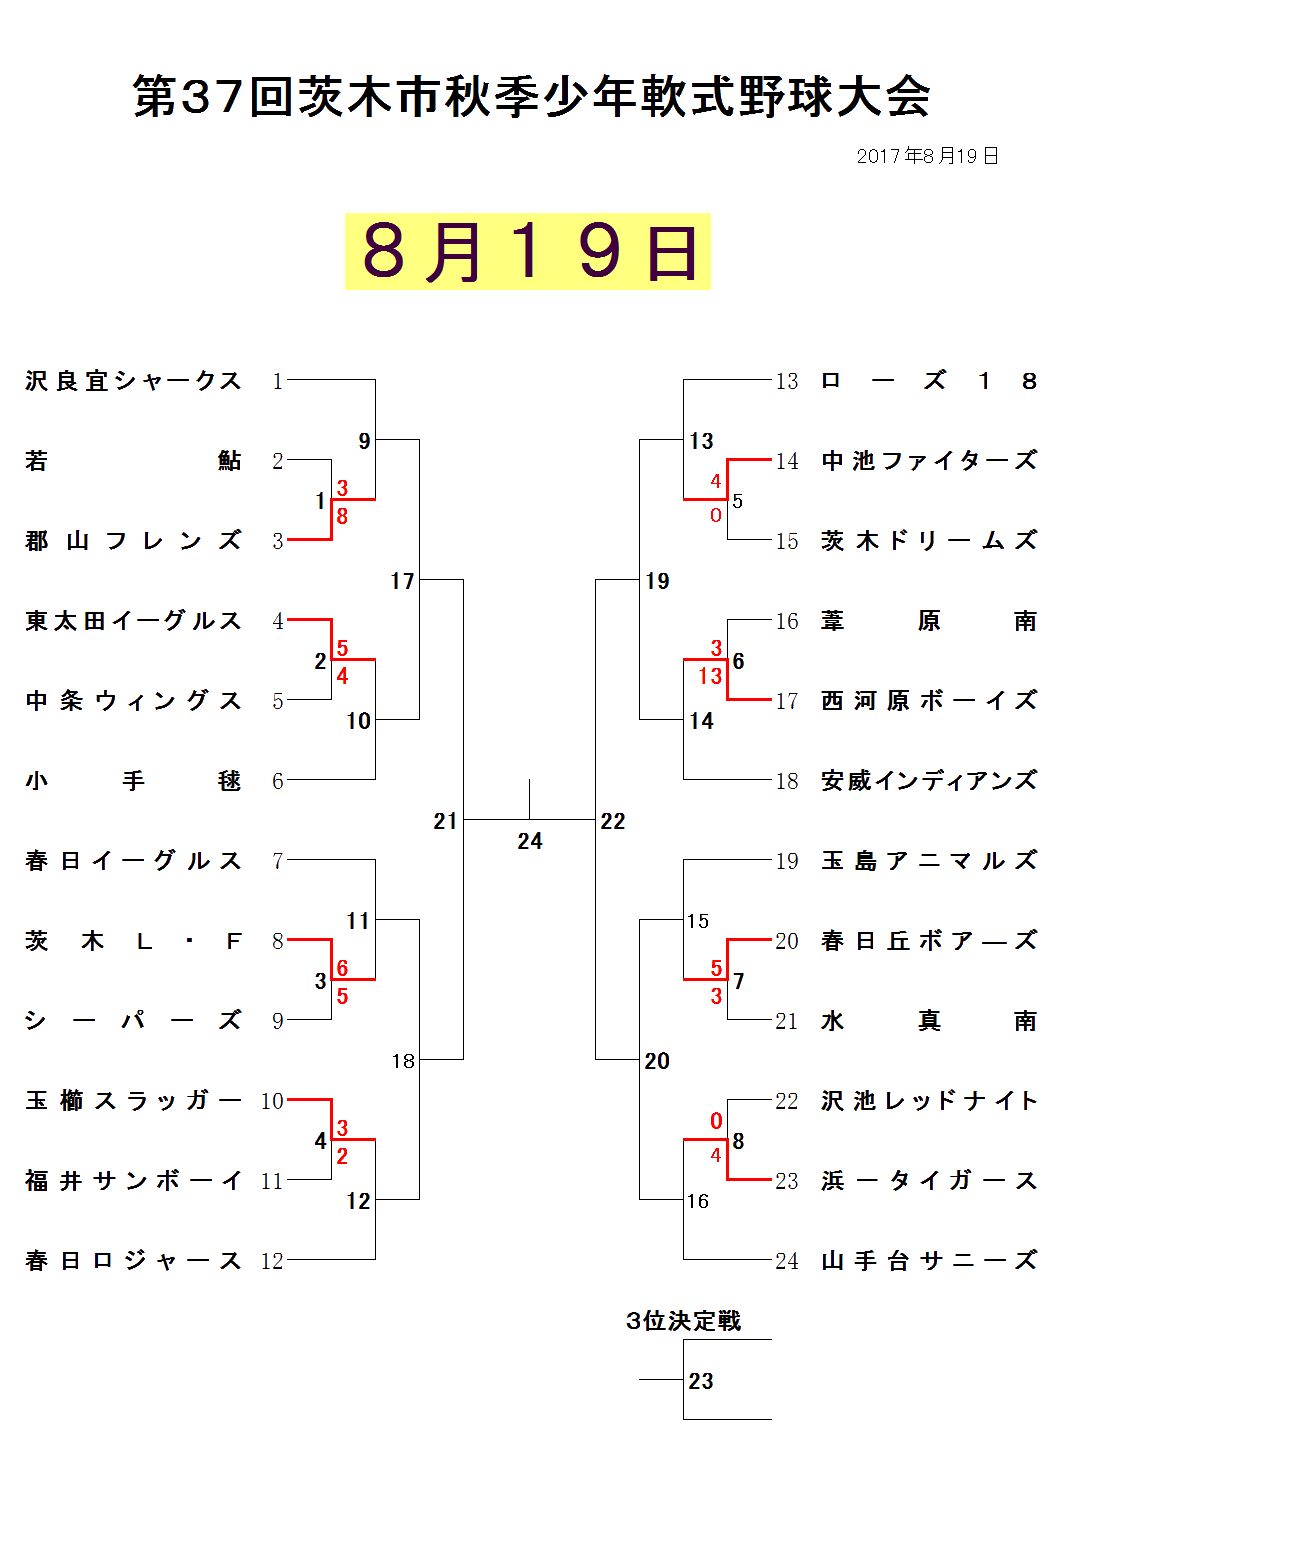 8月19日試合結果学童秋季大会